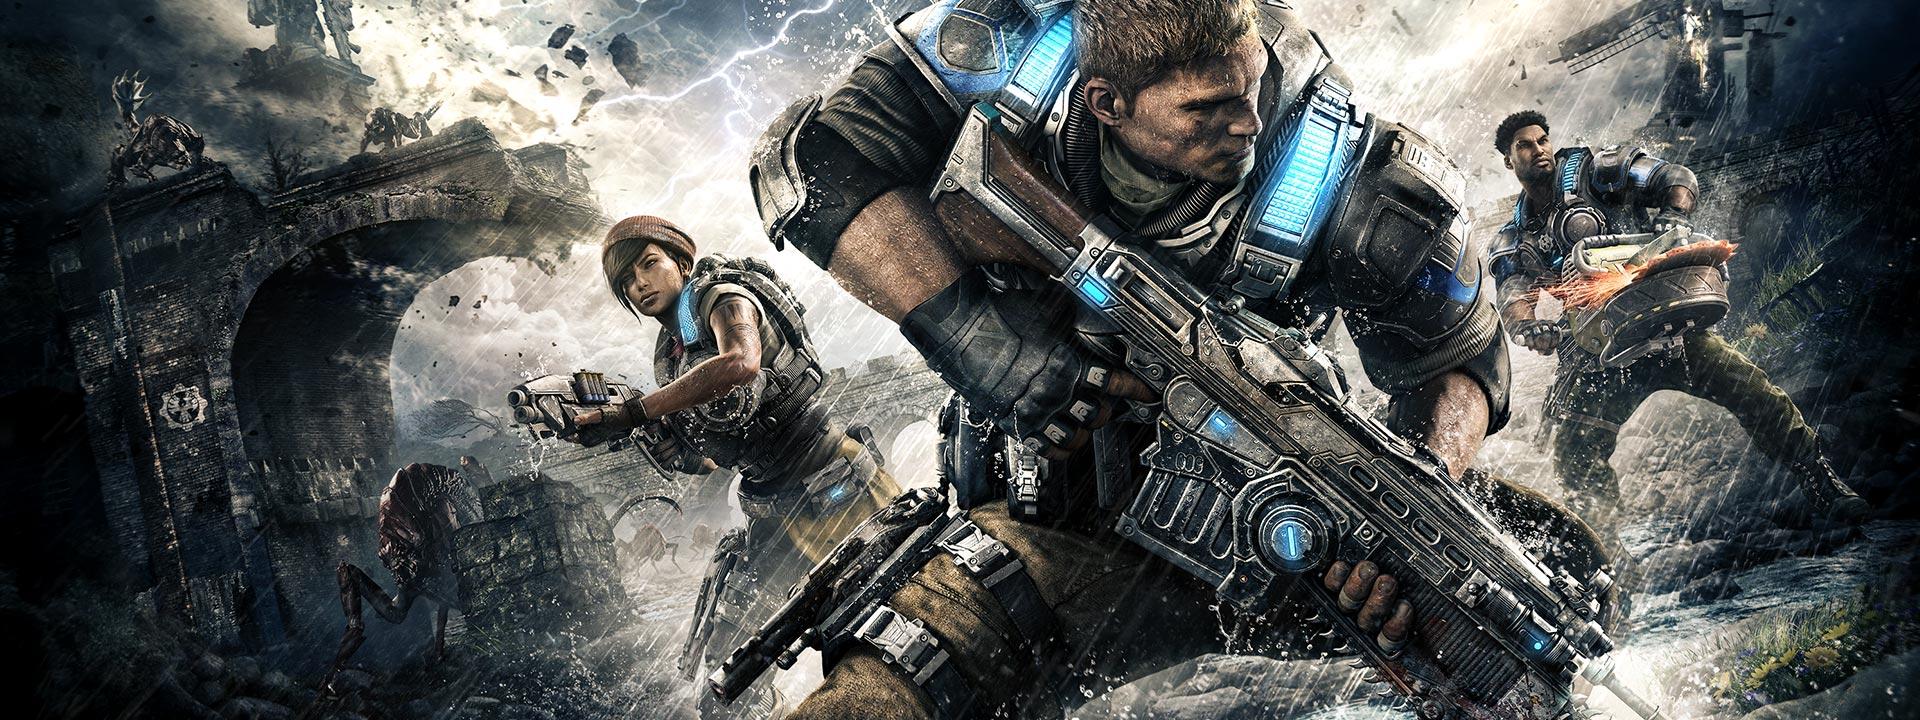 Gears of War 4 on Windows 10